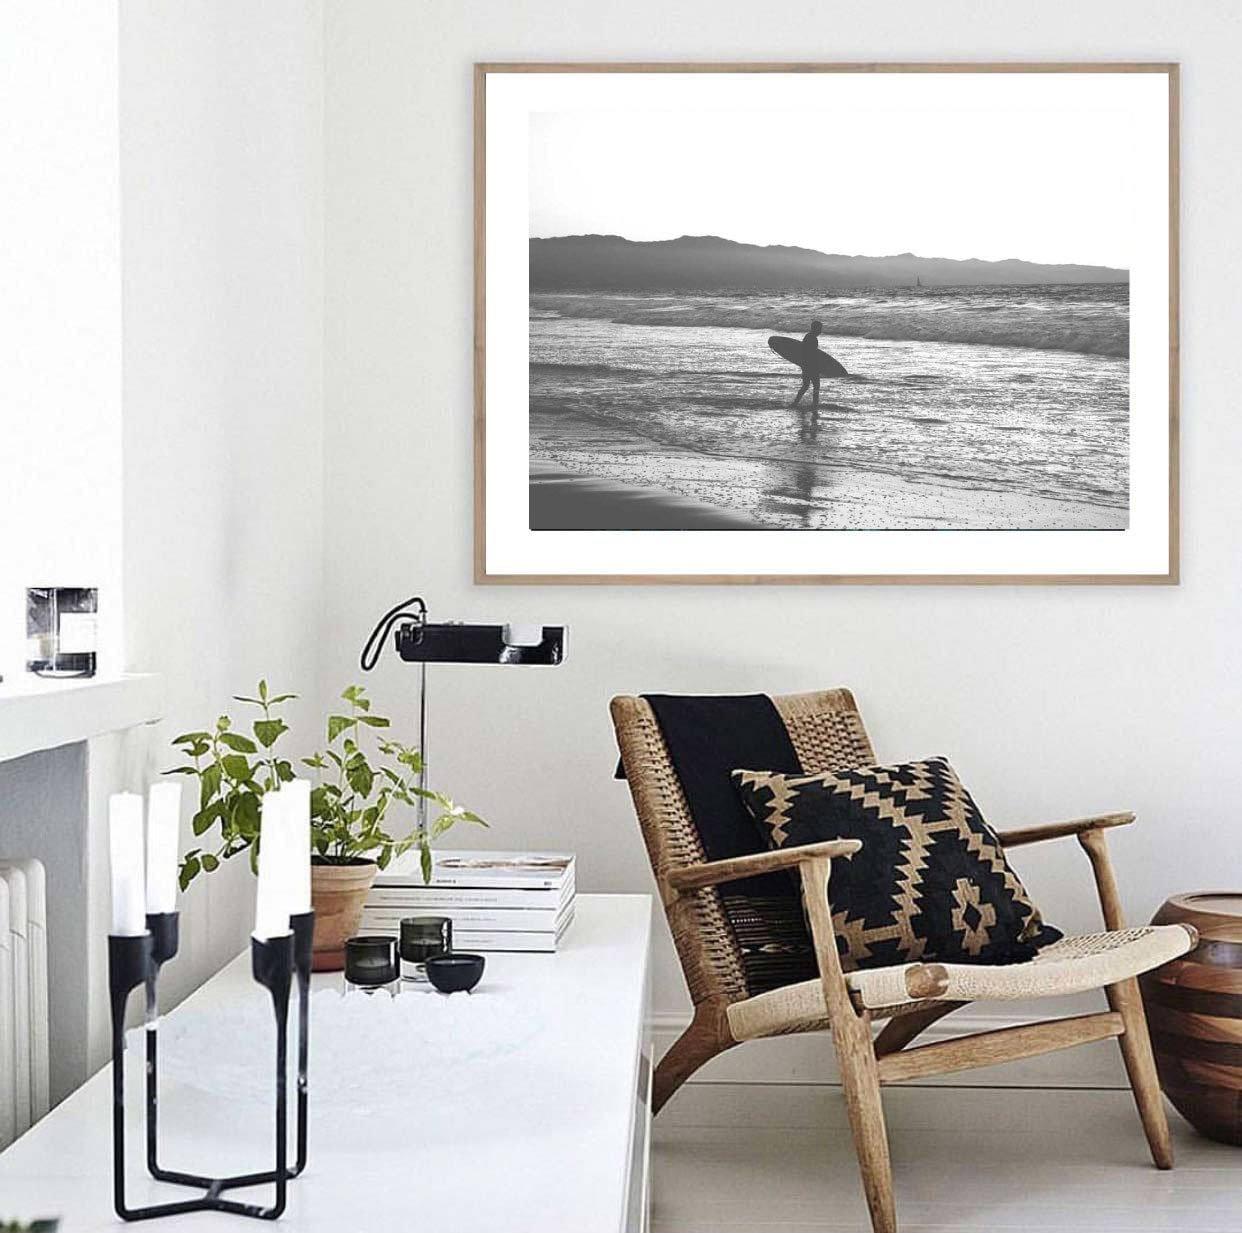 Surfer-Fotografie-Druck schwarz und weiß-Strand-Druck   Etsy